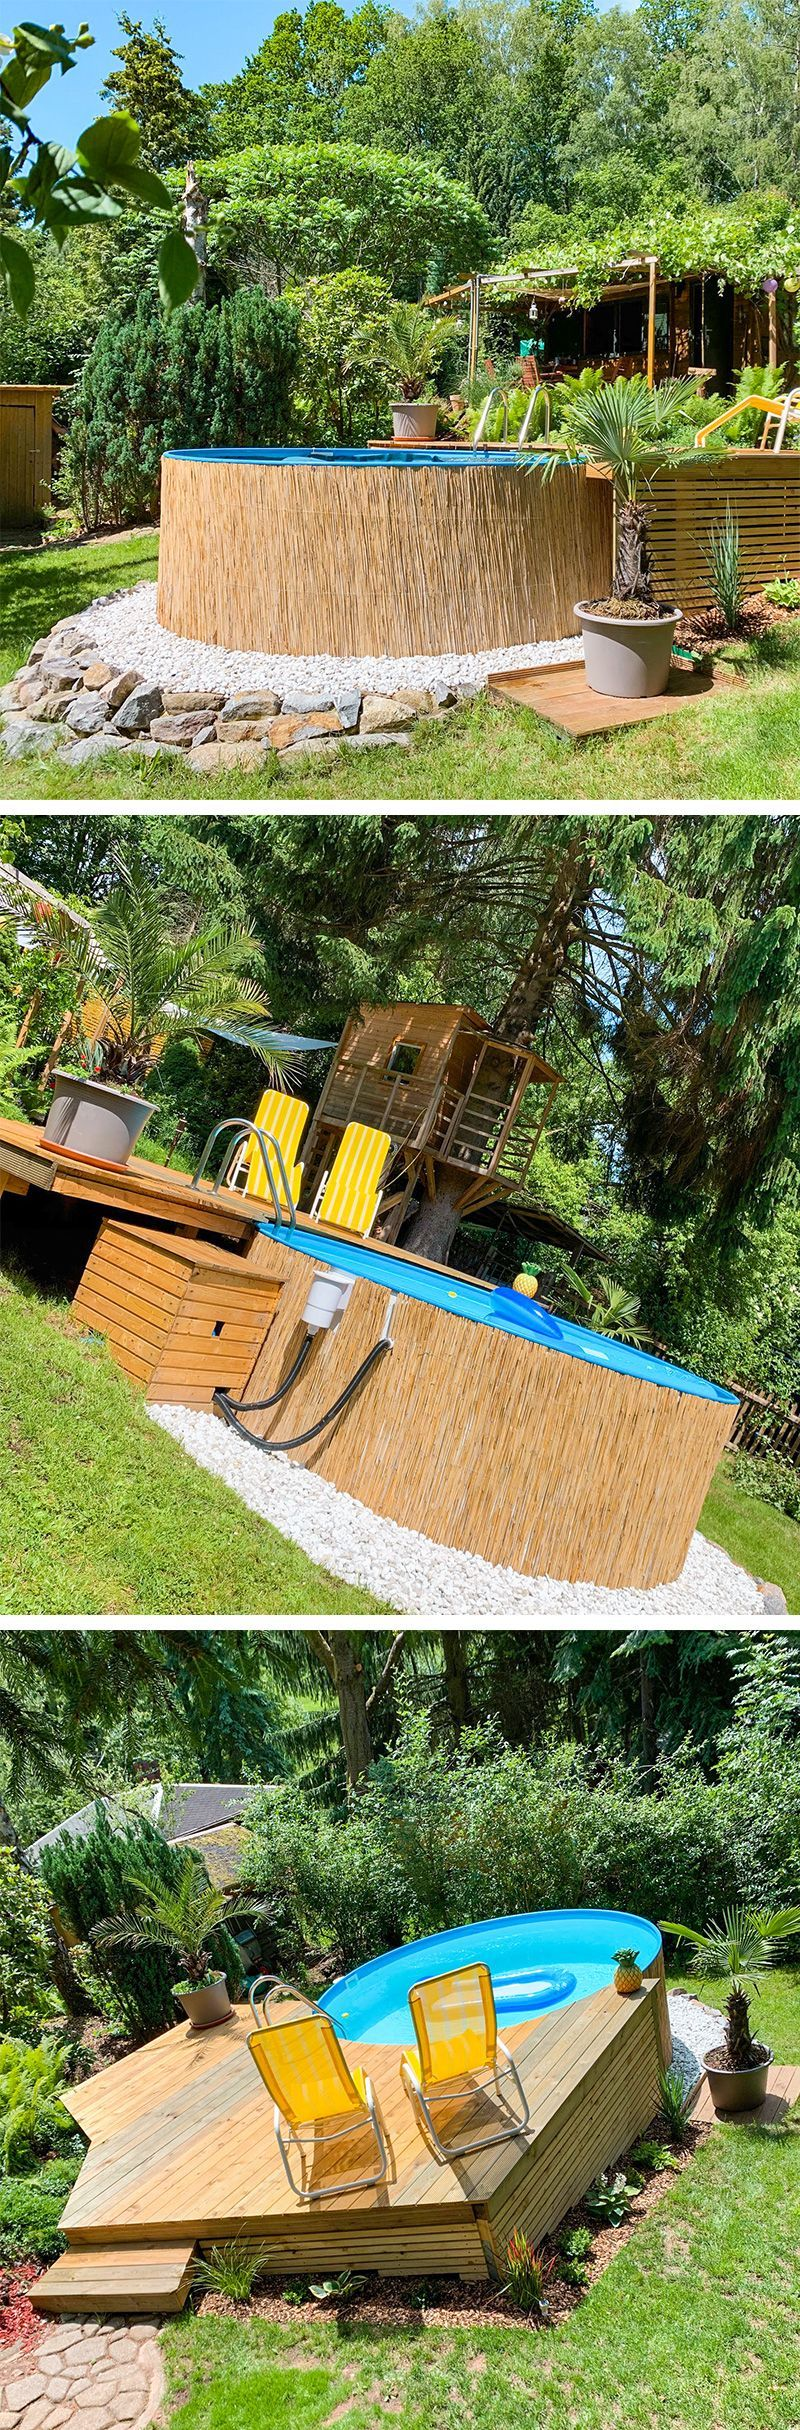 Unsere Kunden Lassen Sich Die Aussergewohnlichsten Gestaltungsideen Fur Ihren Stahlwandpool Einfallen P In 2020 Swimming Pools Backyard Backyard Garden Small Pools